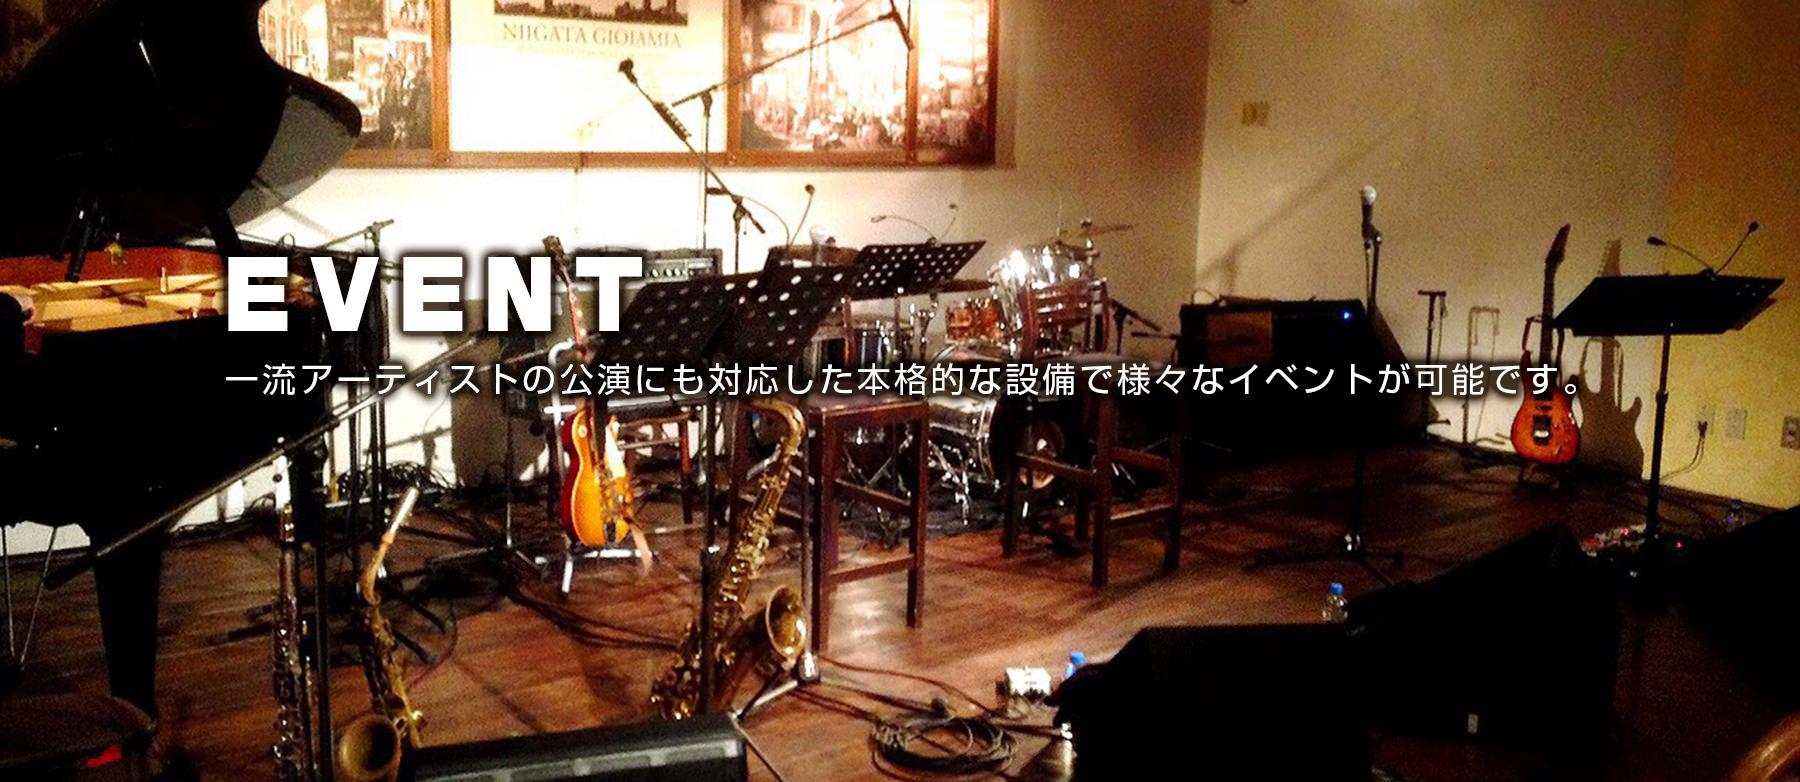 新潟でライブイベント・クラブ、各種イベントの会場としても貸し切りできます。